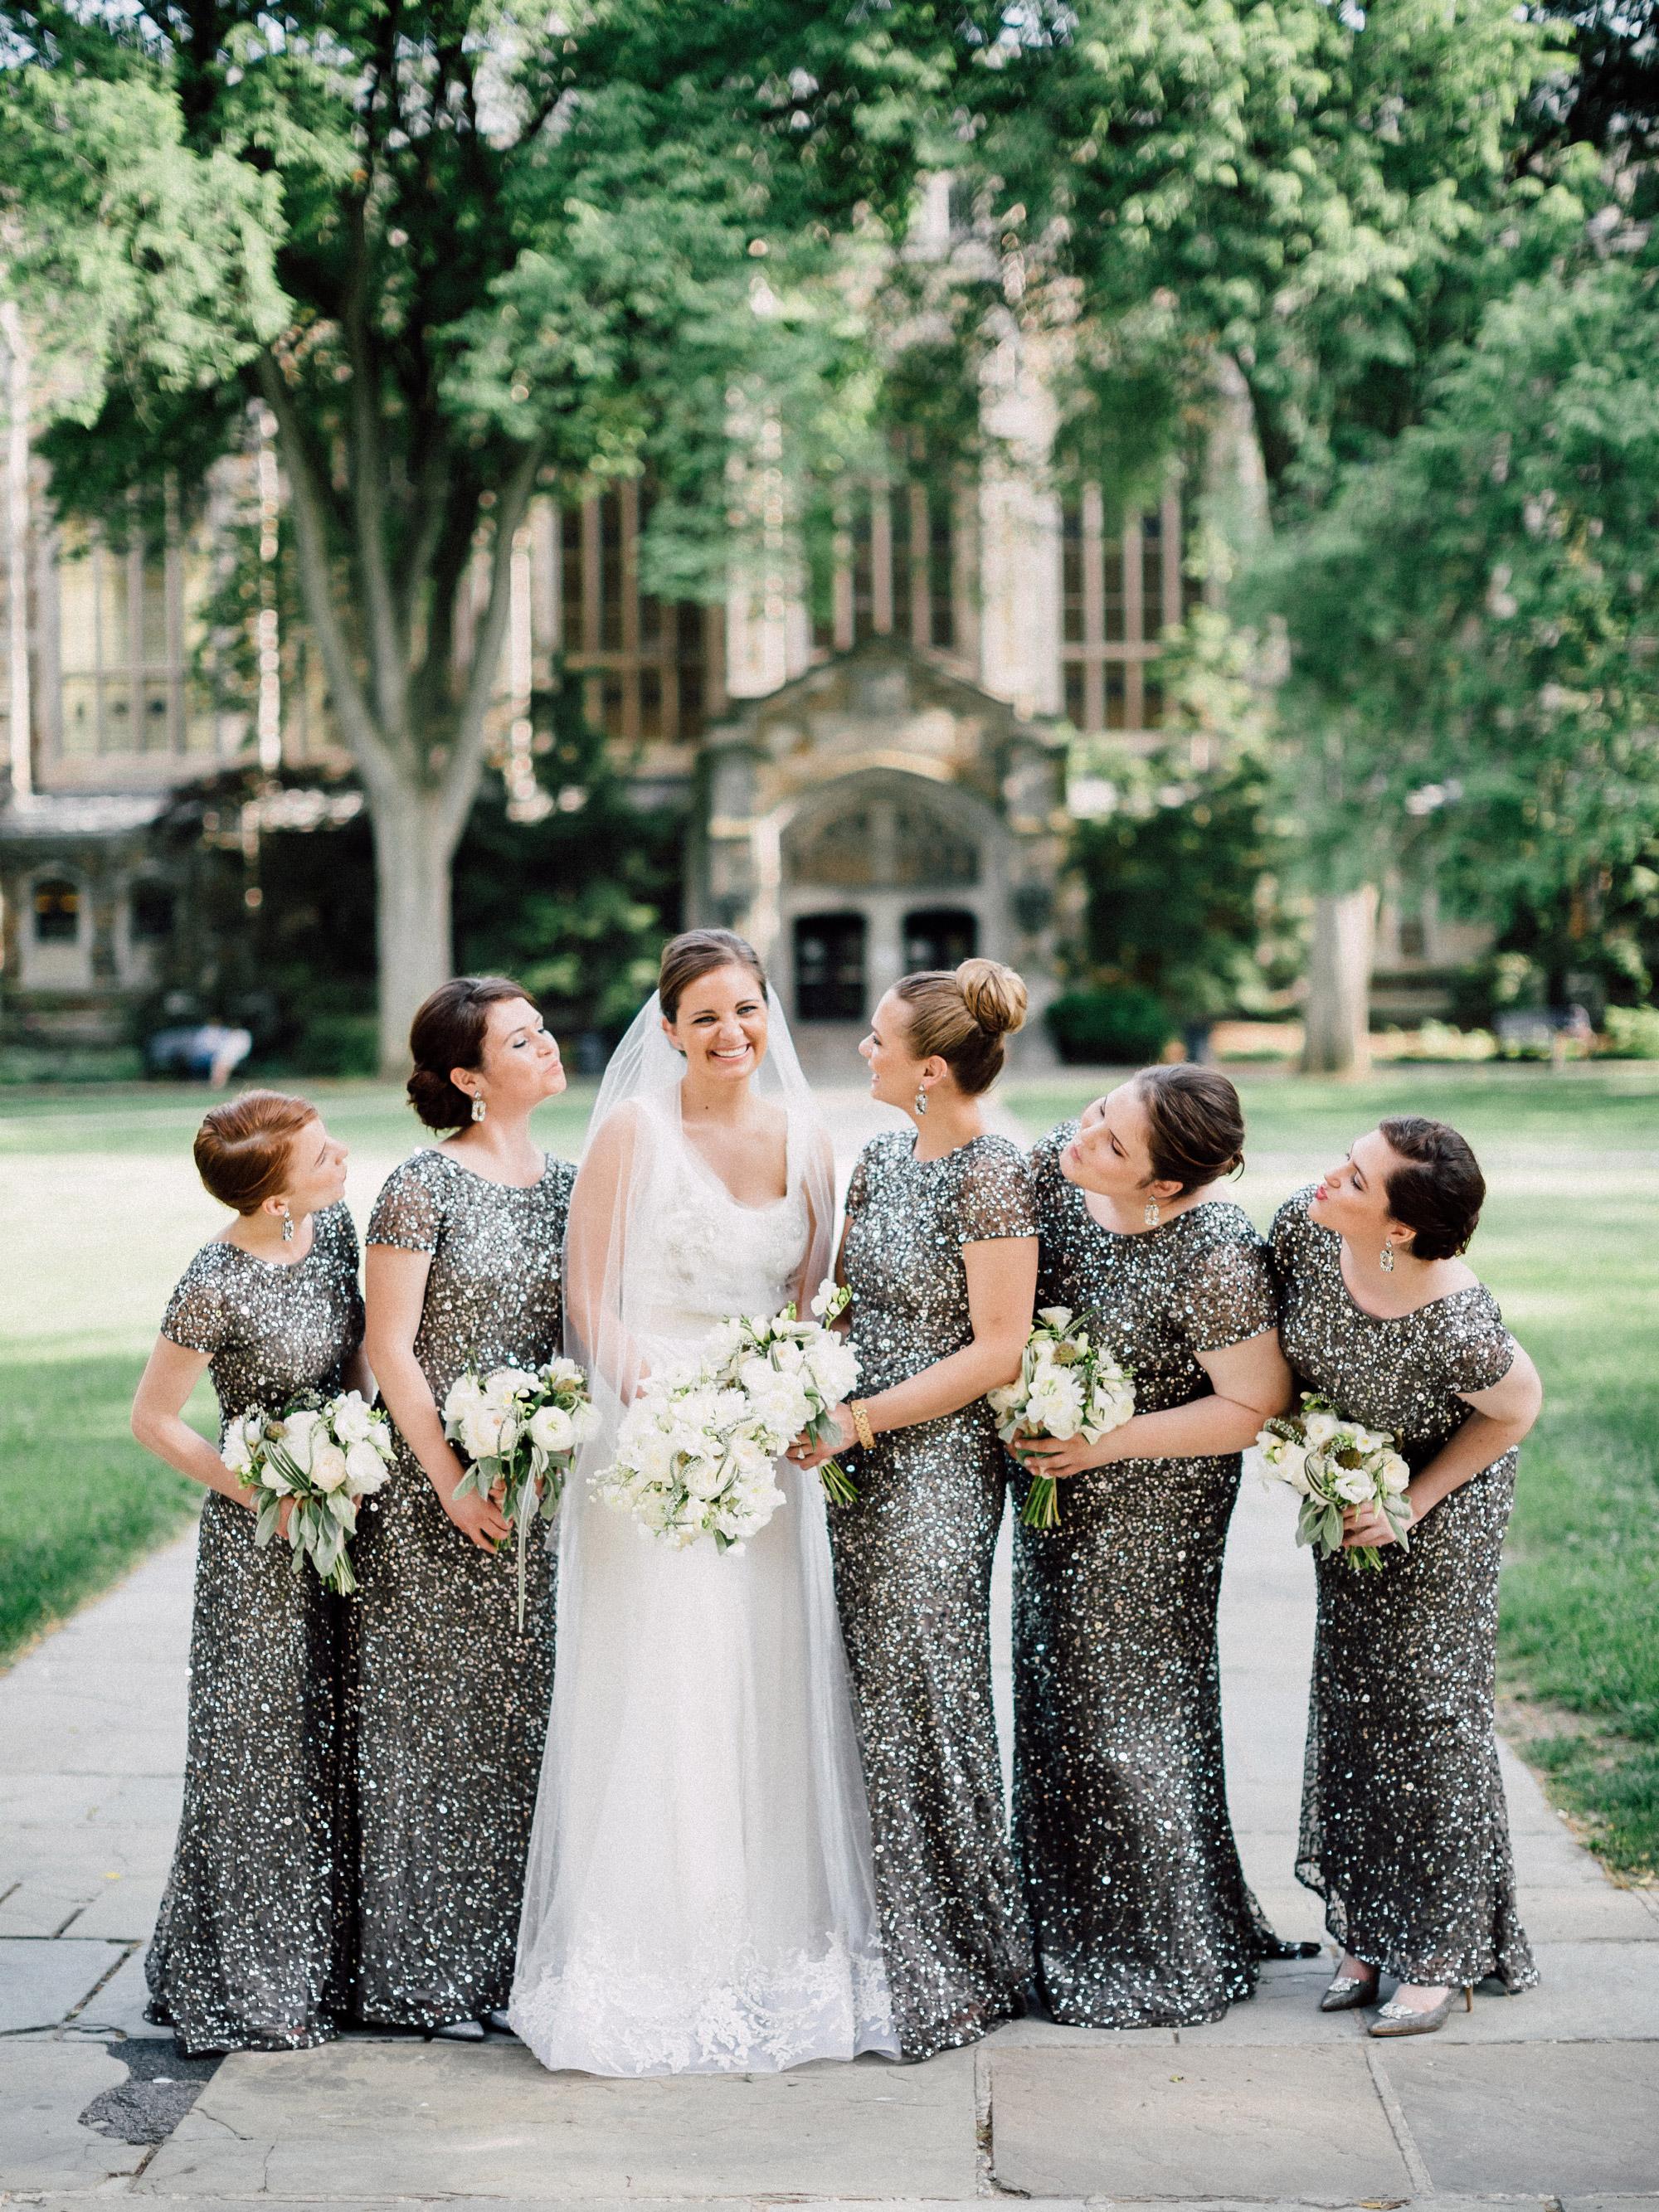 best dressed bridesmaids blaine siesser